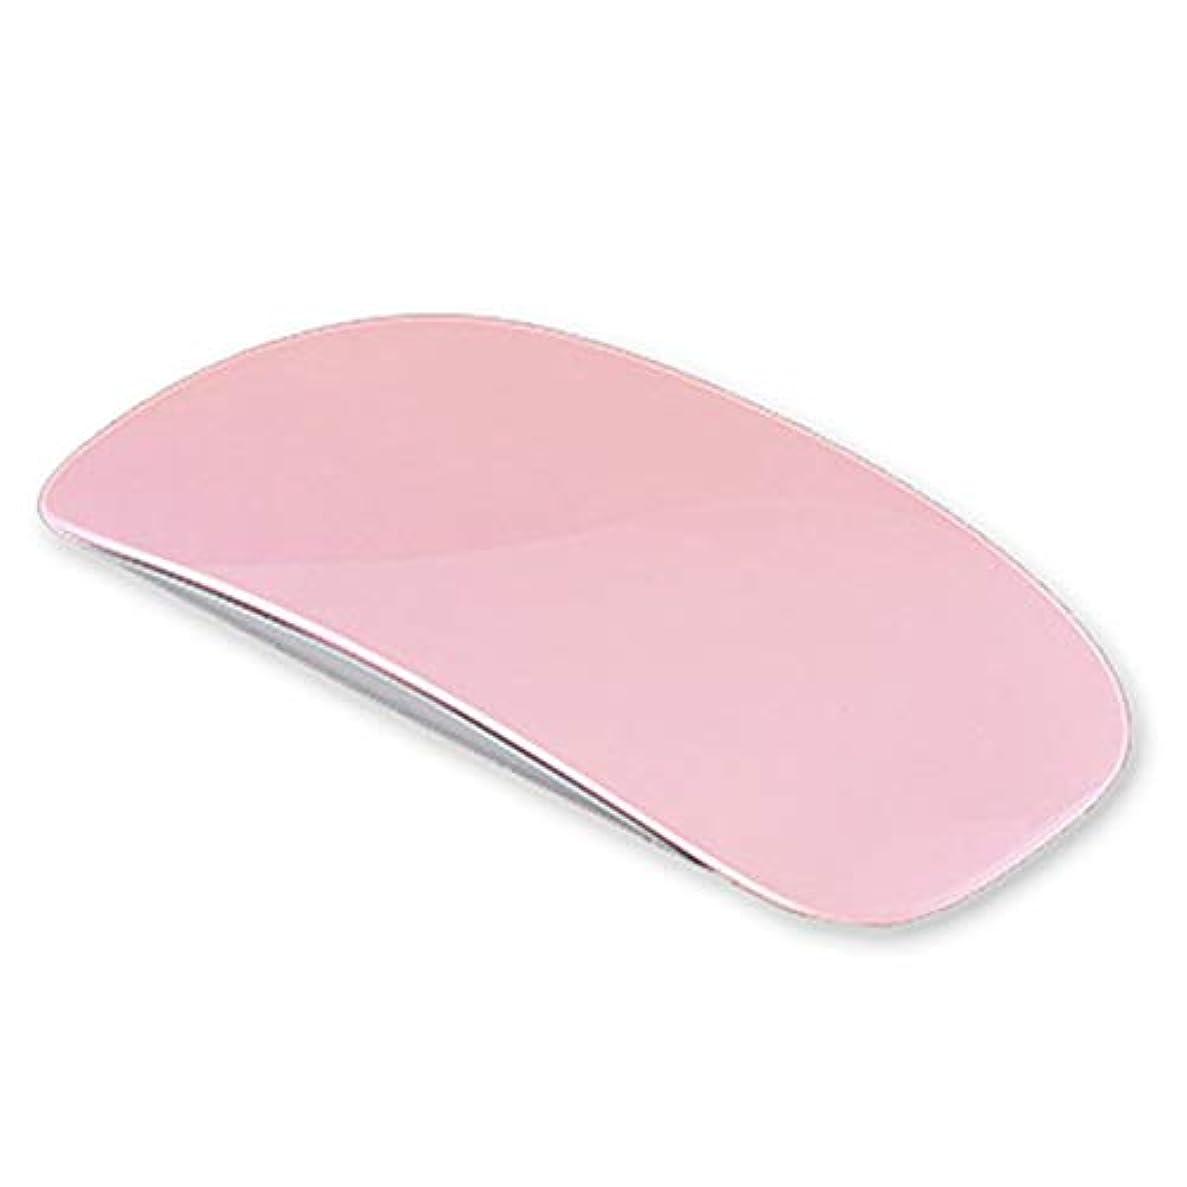 並外れた先史時代の粉砕するネイルドライヤー UV/LEDライト硬化用ライトUSB式 マウス形 折りたたみ式 ミニ携帯便利(ピンク)